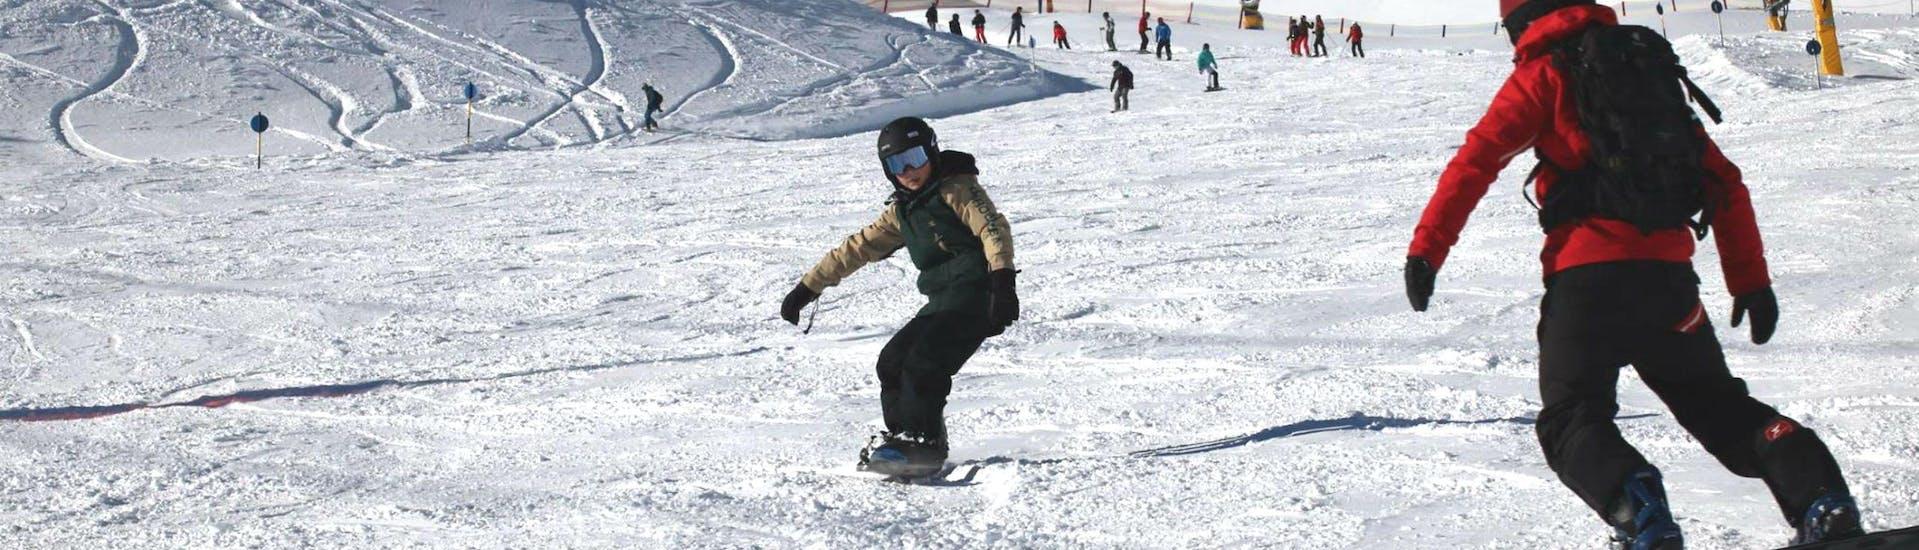 """Ein junger Snowboarder übt bei der Aktivität Snowboardkurs für Kinder """"All-Inclusive"""" (9-15 Jahre) mit der Ski- und Snowboardschule Vacancia seine Front- und Backside Turns."""